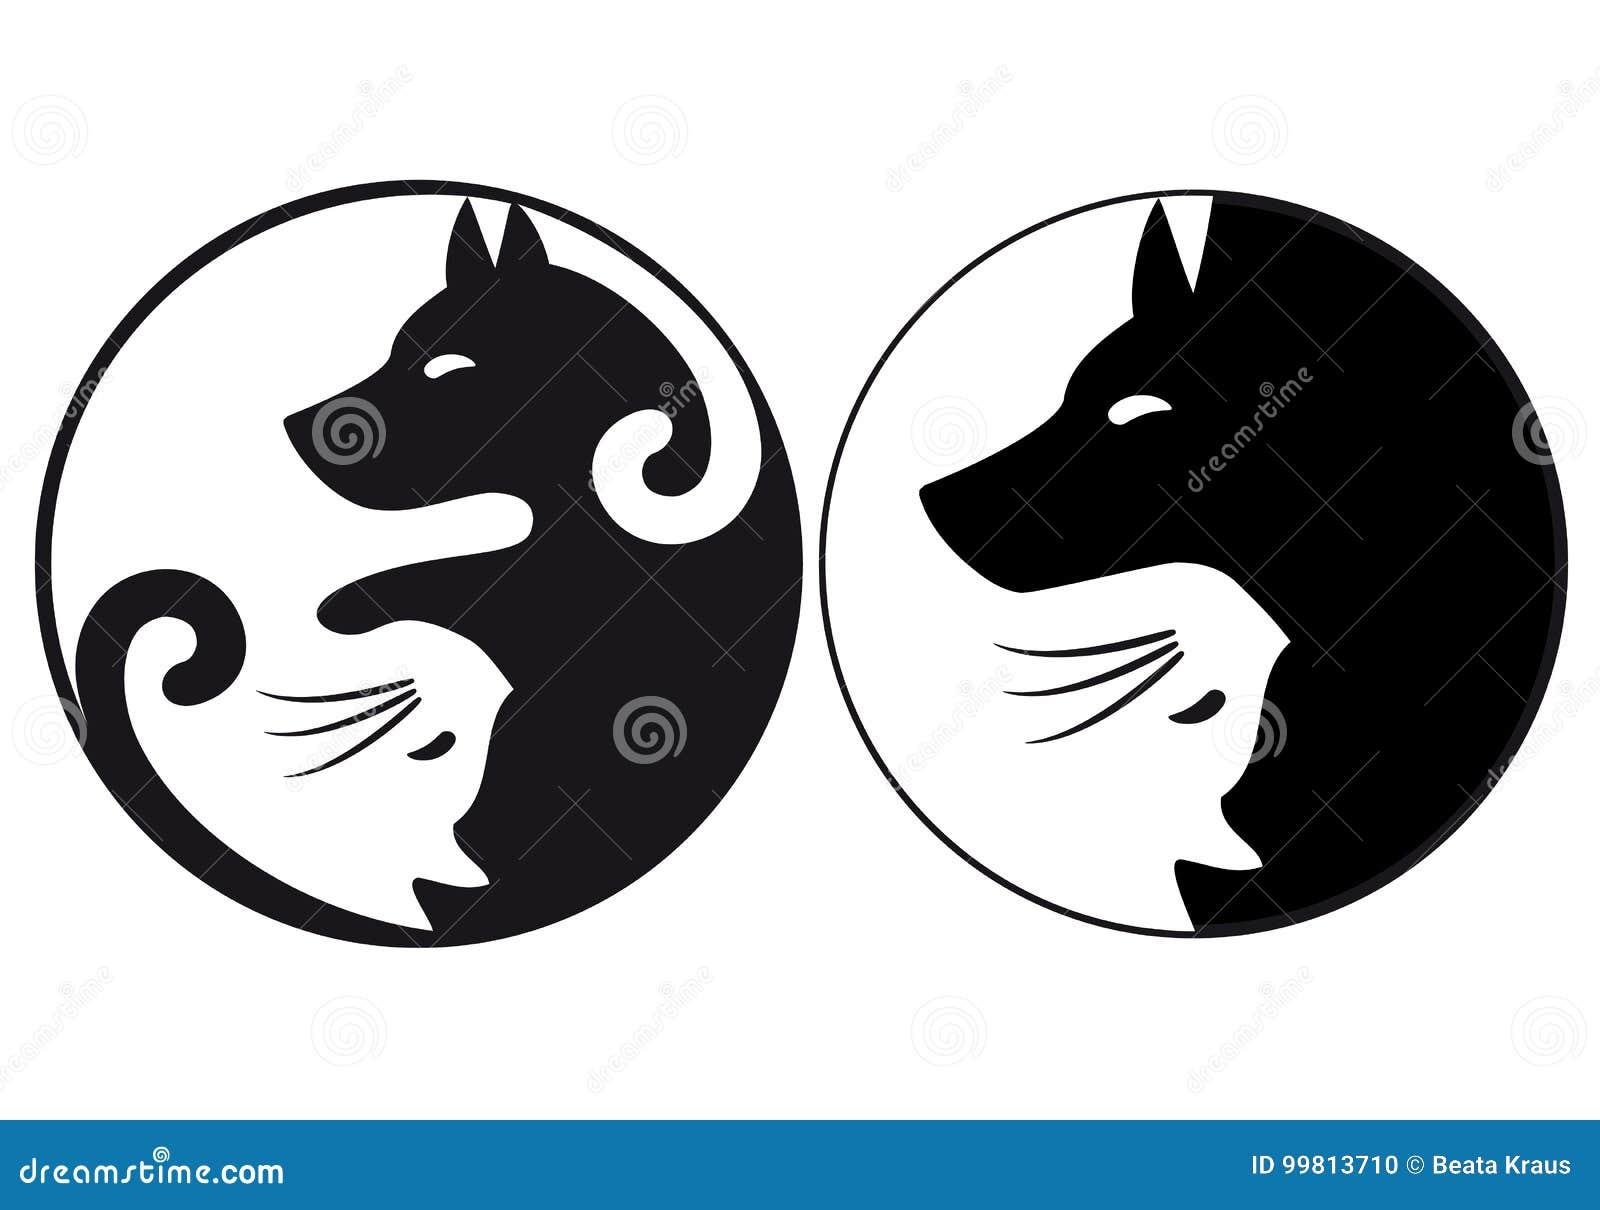 Gatto di simbolo di yin yang e cane, vettore